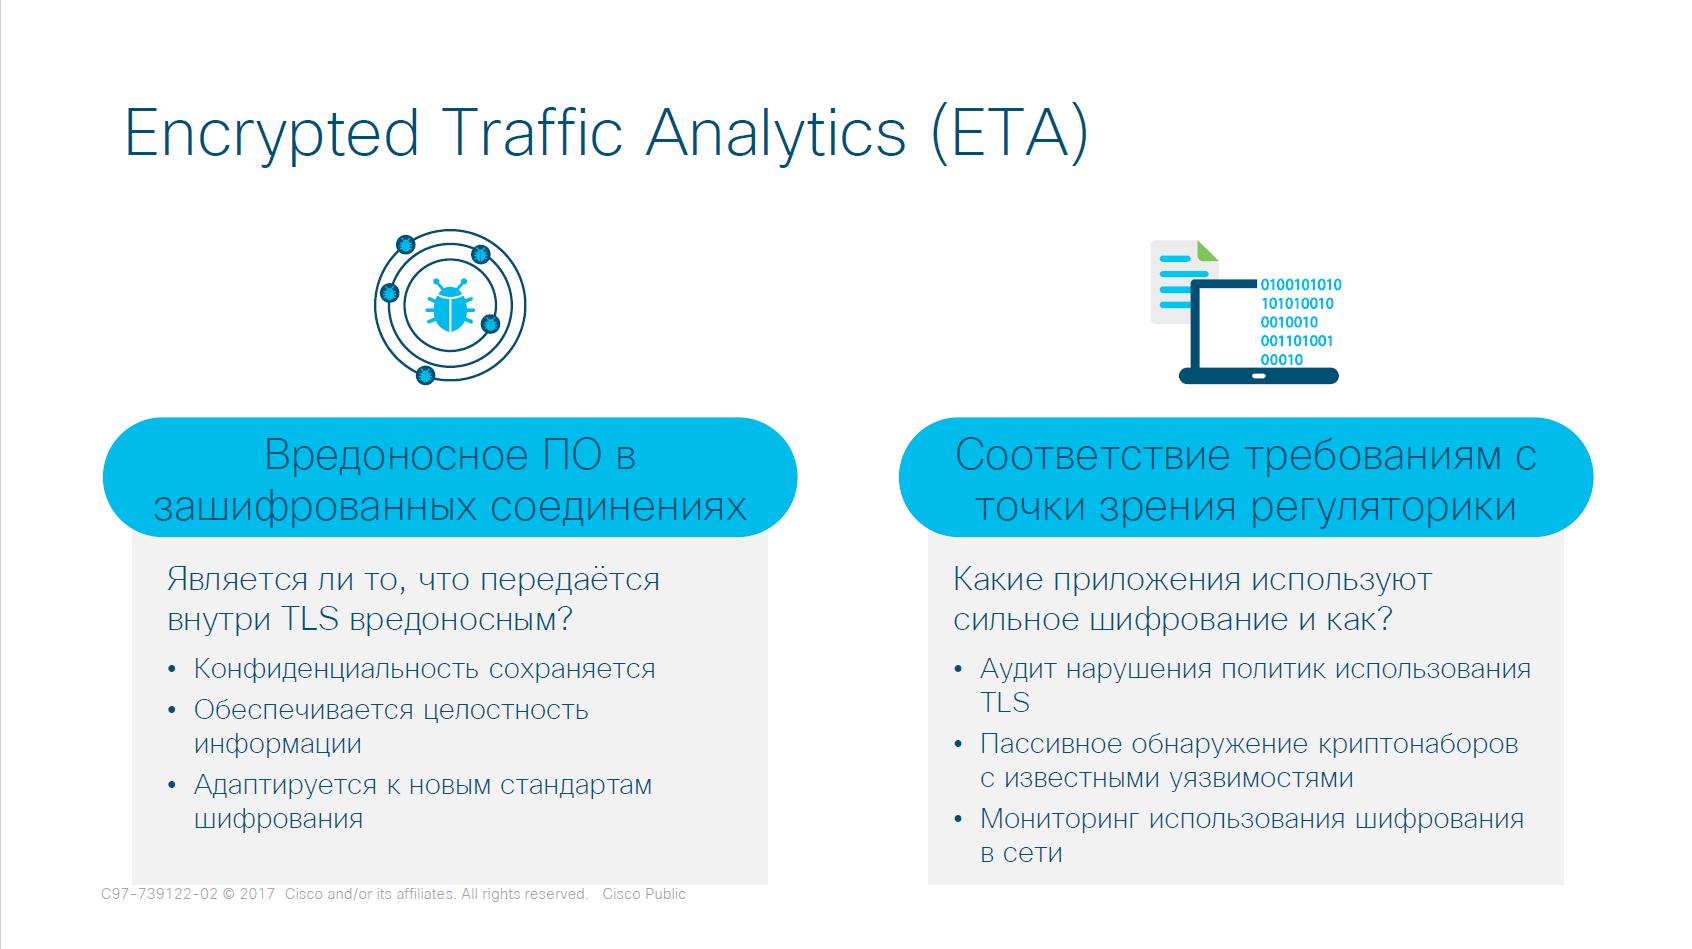 Принцип работы системы Encrypted Traffic Analytics (ETA)